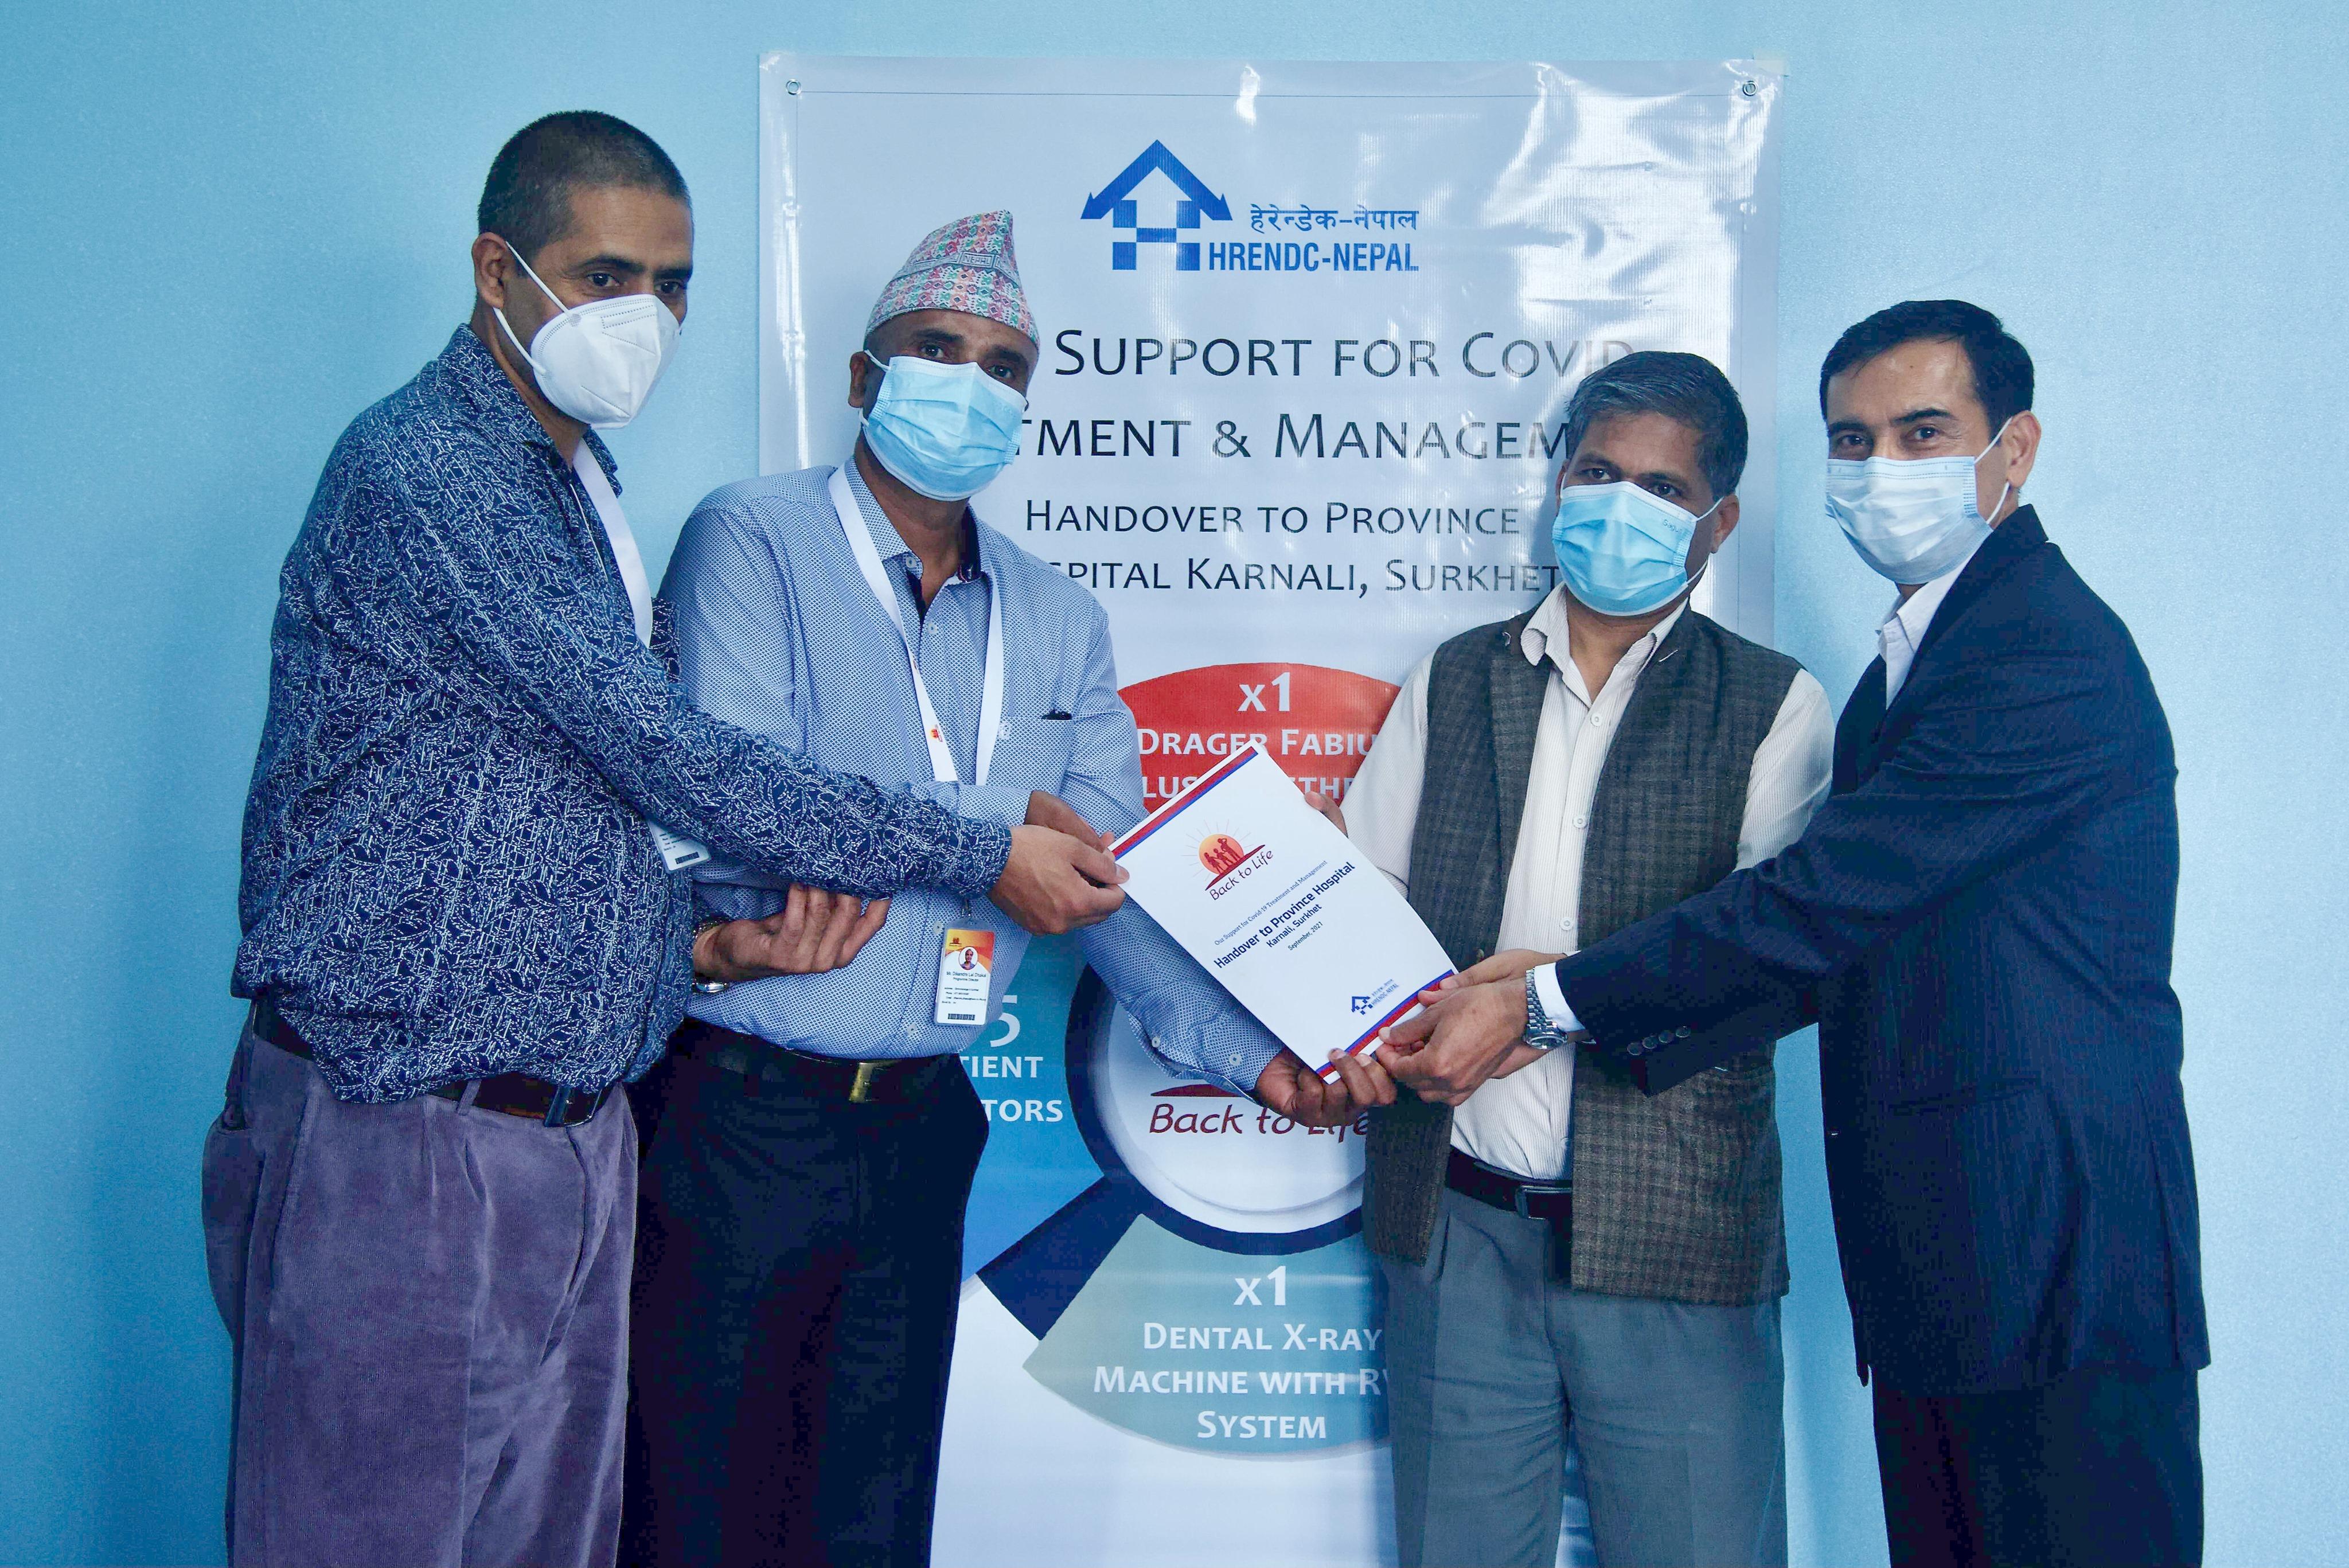 कर्णाली प्रदेश अस्पताललाई १ करोड बराबरको स्वास्थ्य सामाग्री सहयोग